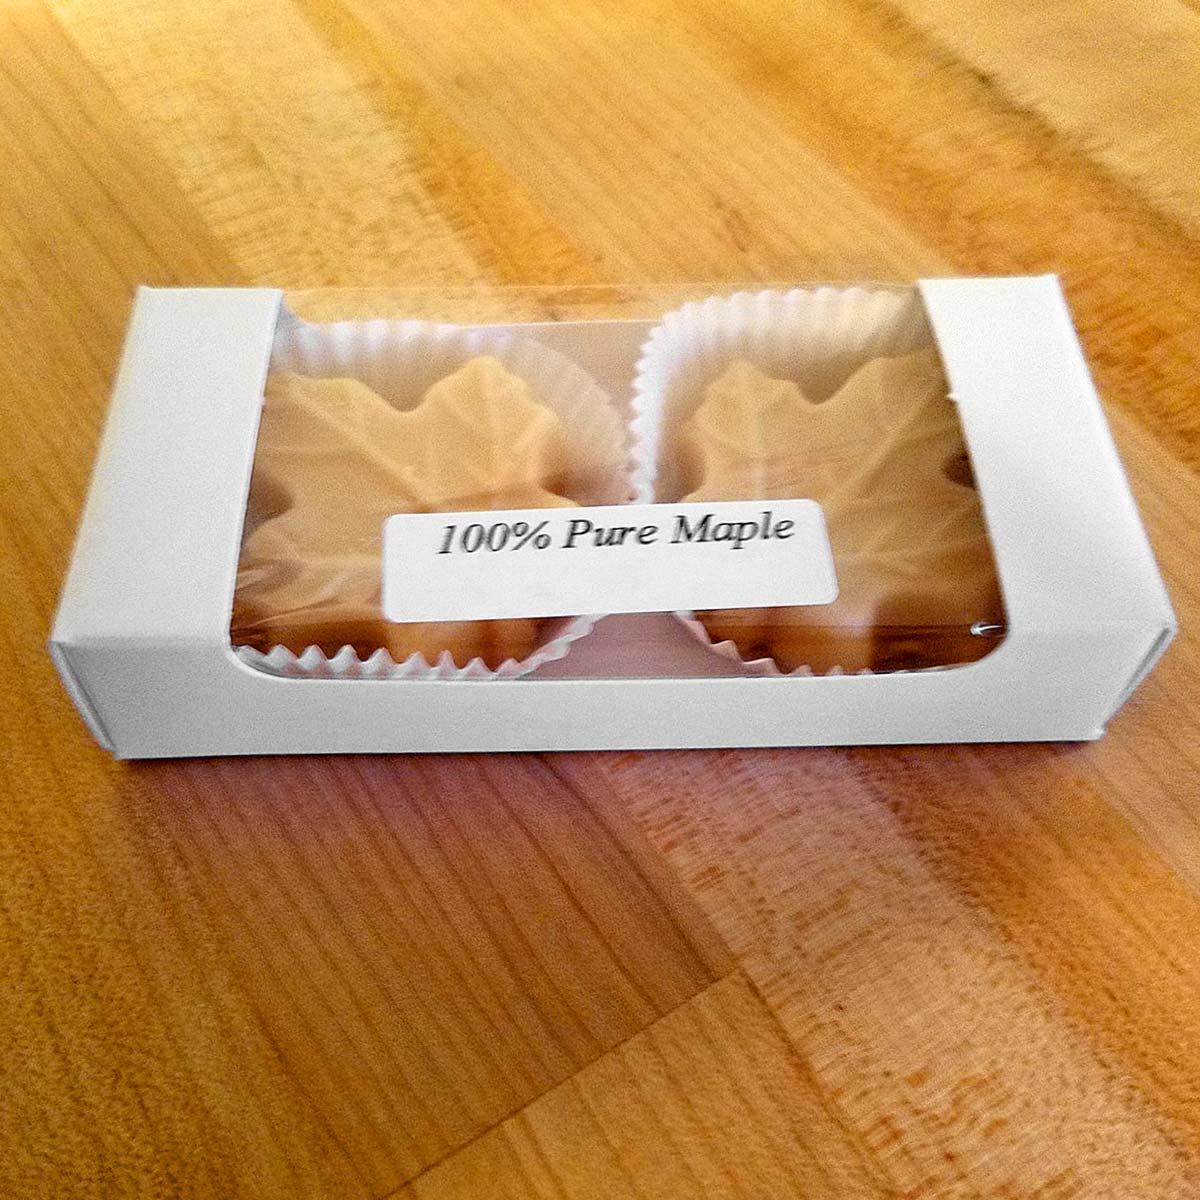 Maple Sugar Leaves (2-Pack Box) – Farmhouse Maple